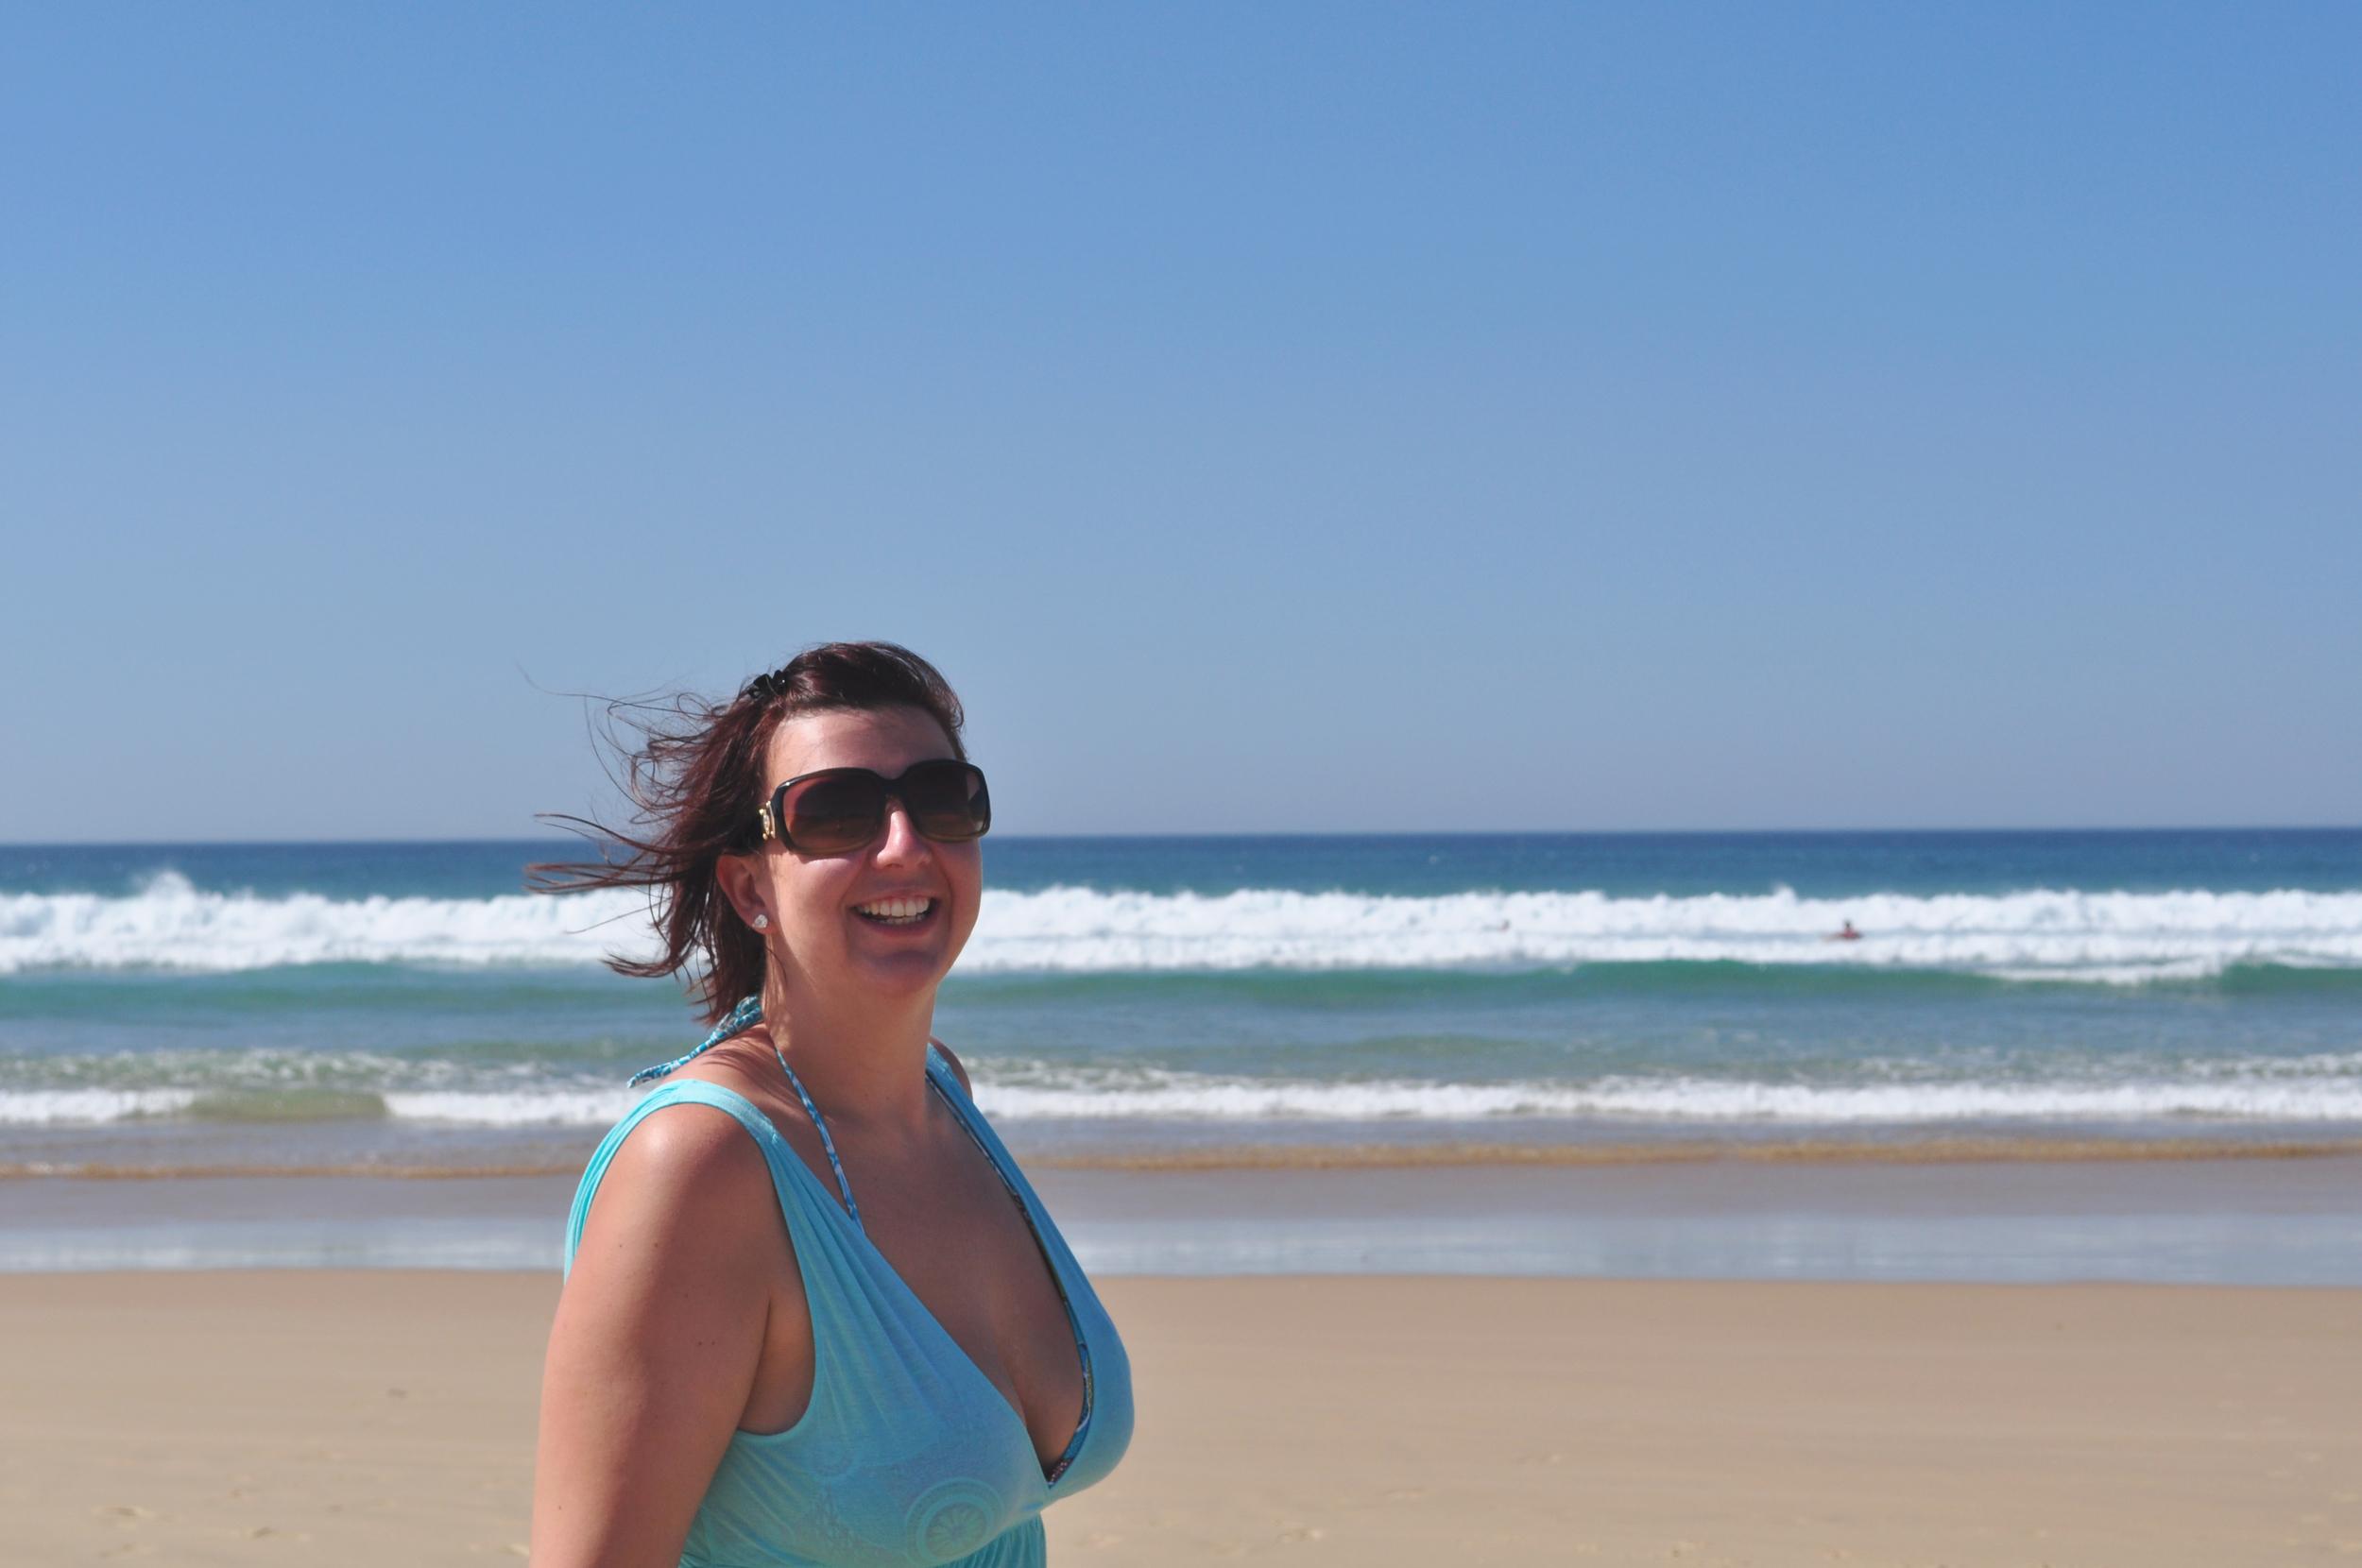 Clare at Stockton Beach in Port MacQuarie